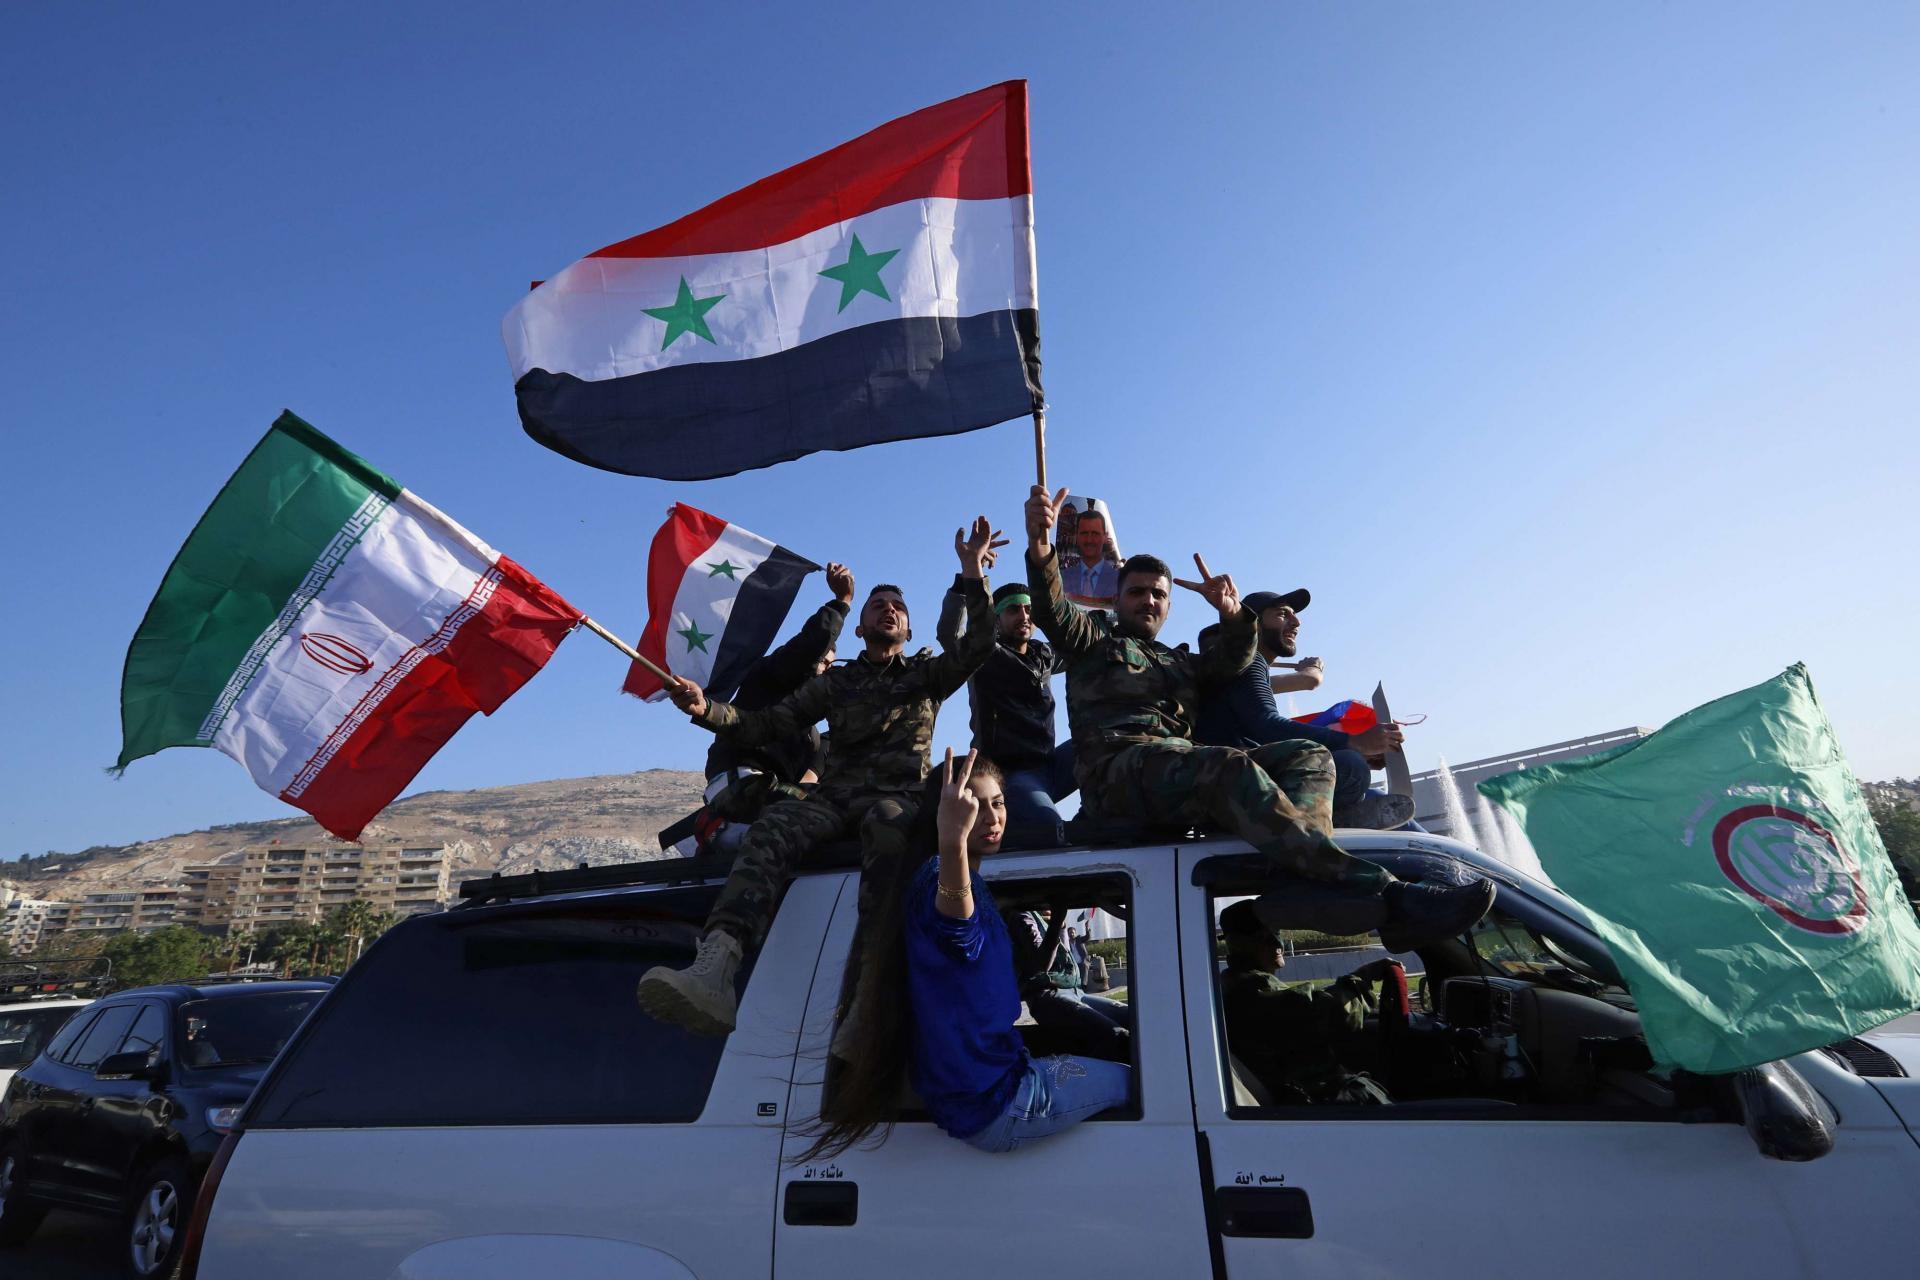 النظام السوري يراجع ملف 18 ألف مجنس من الميليشيات الإيرانية